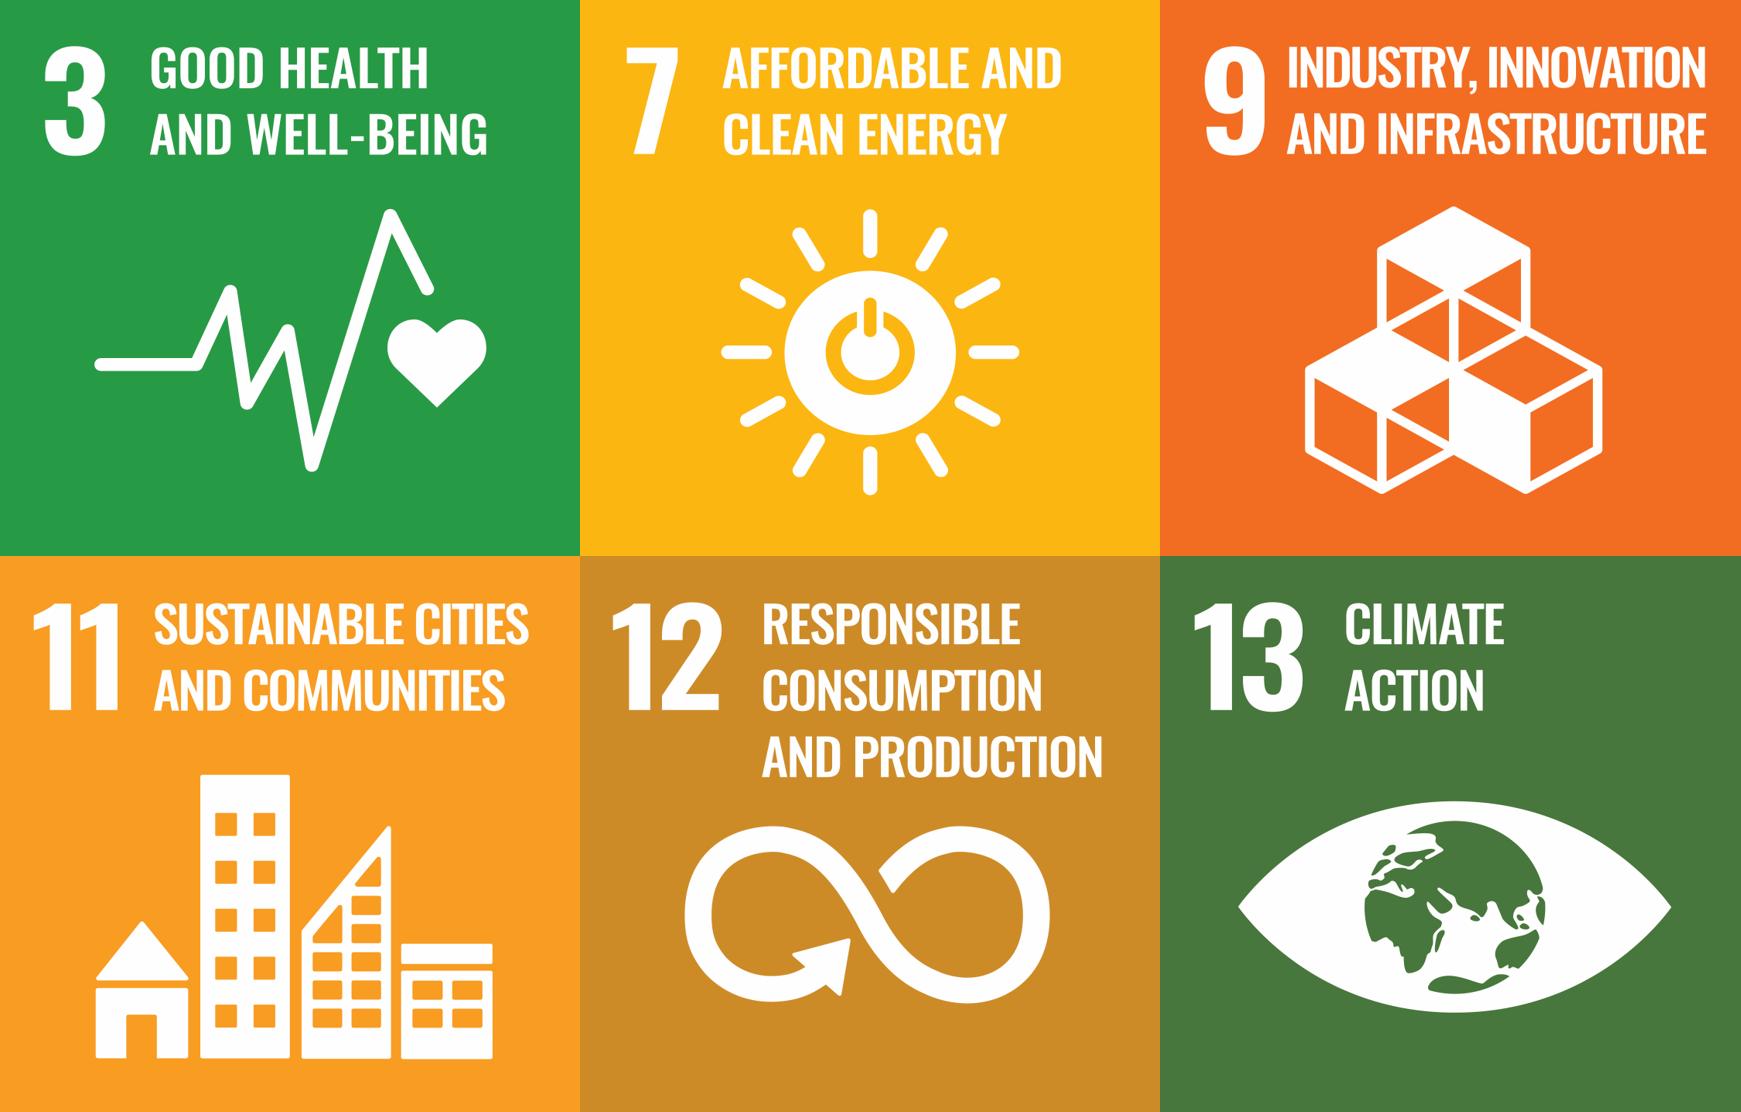 Themes of the UN 2030 Agenda